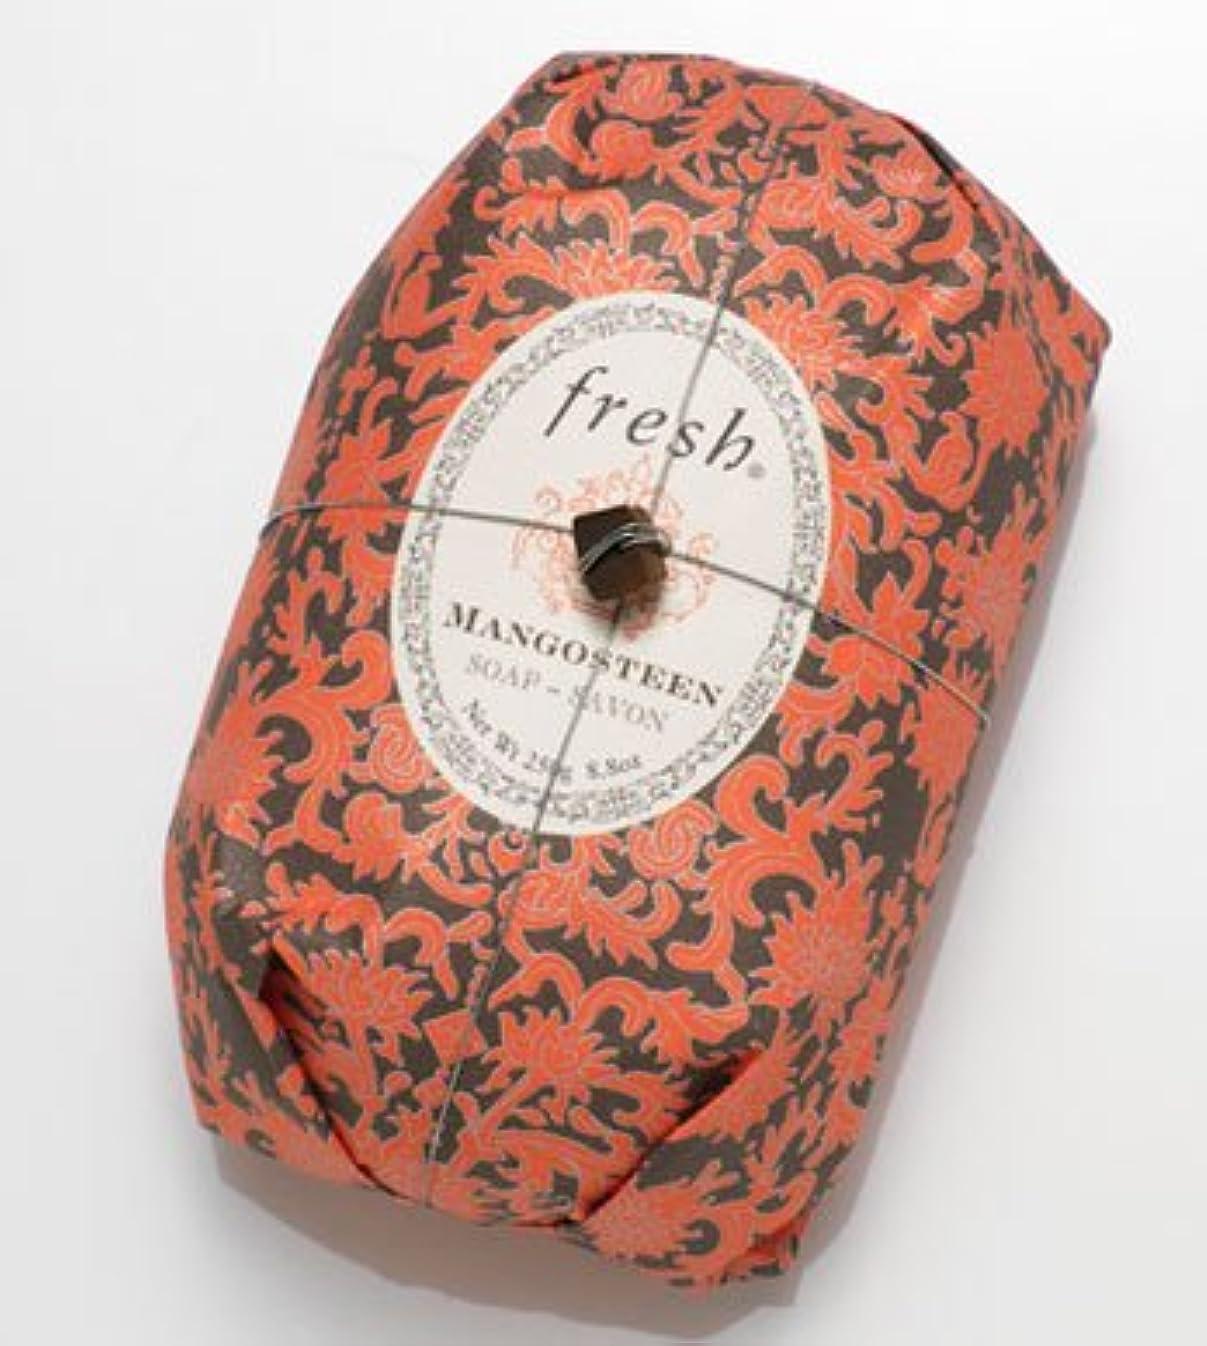 白雪姫ギャロップ古代Fresh MANGOSTEEN SOAP (フレッシュ マンゴスチーン ソープ) 8.8 oz (250g) Soap (石鹸) by Fresh